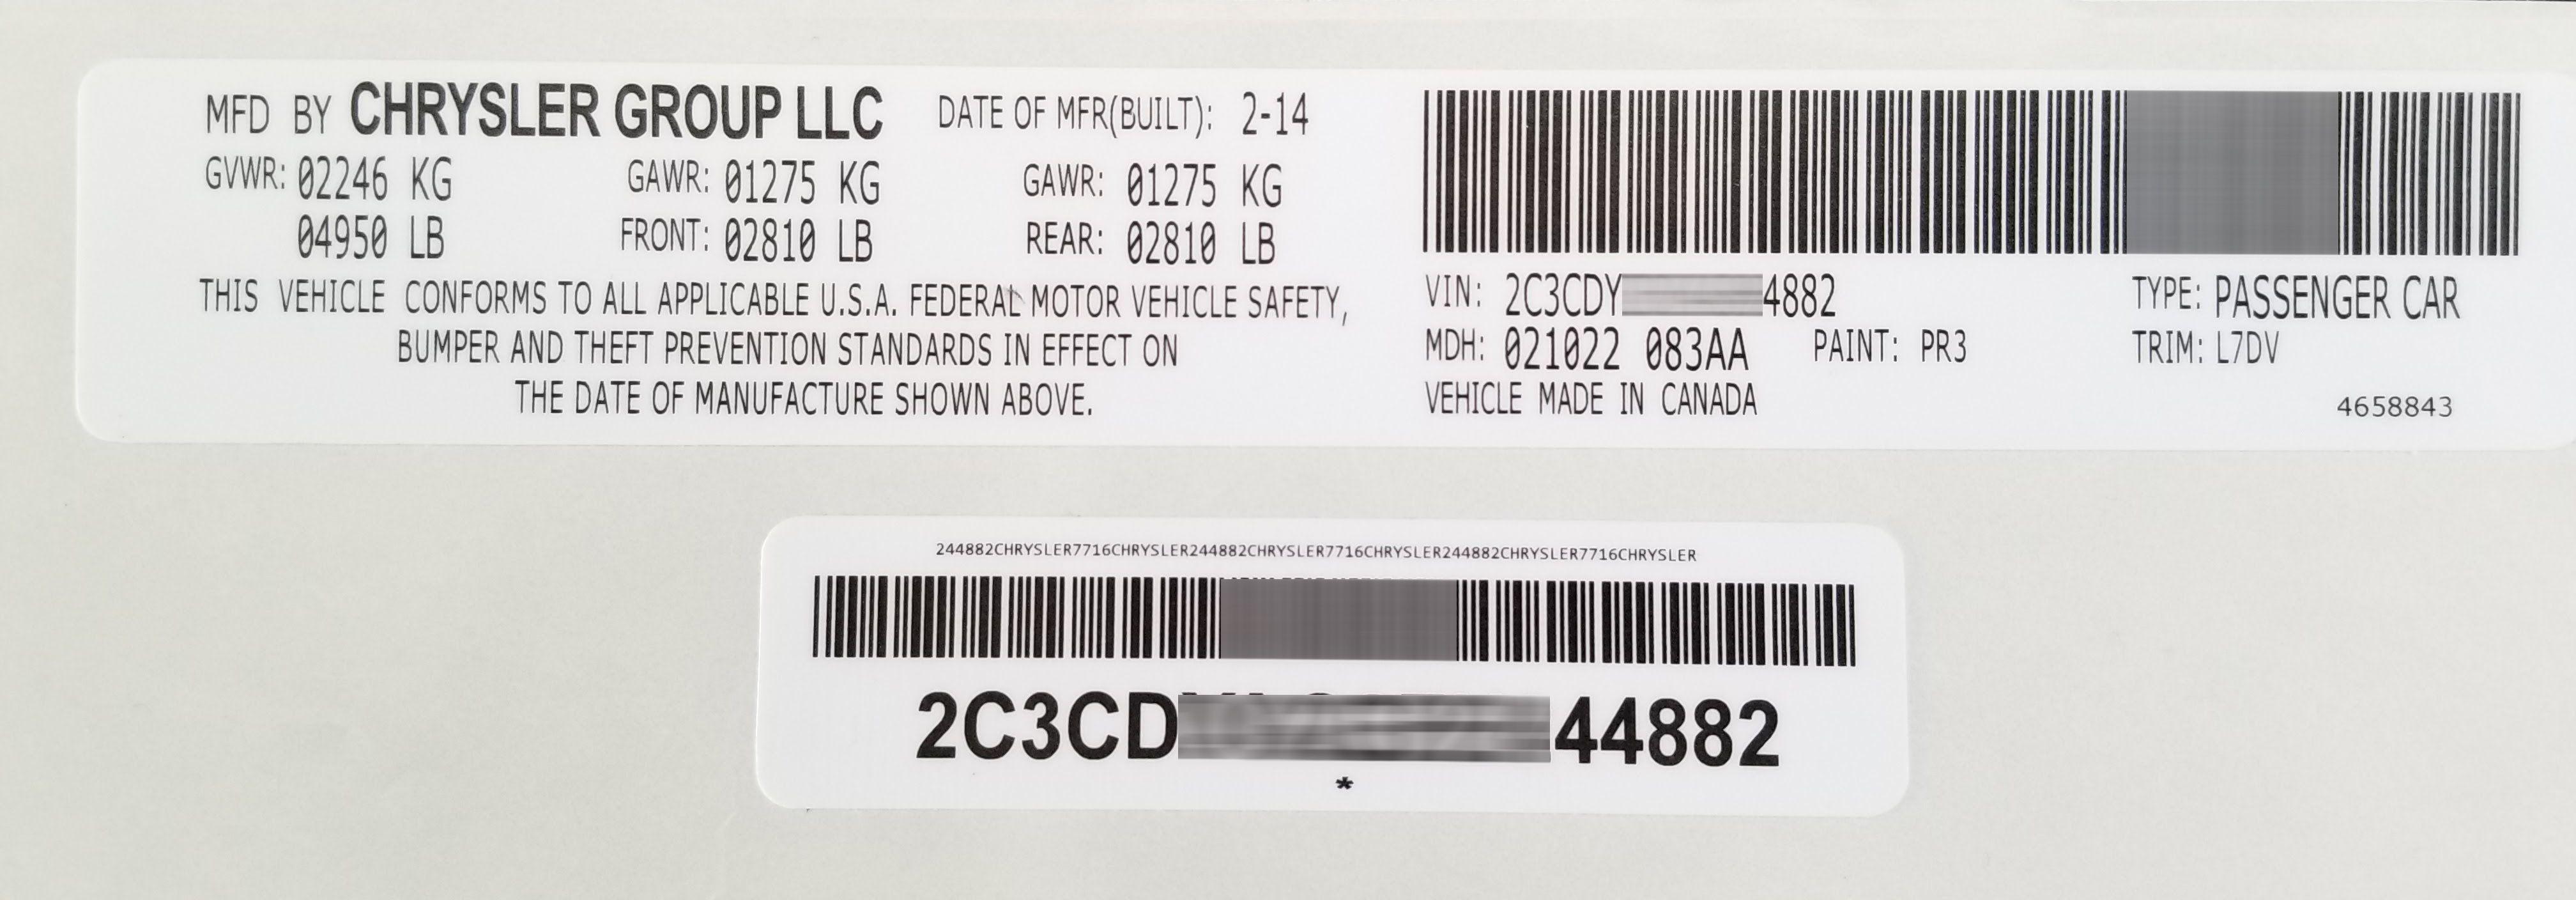 Http Www Vinslabels Com Jeep Vin Stickers Labels Chrysler